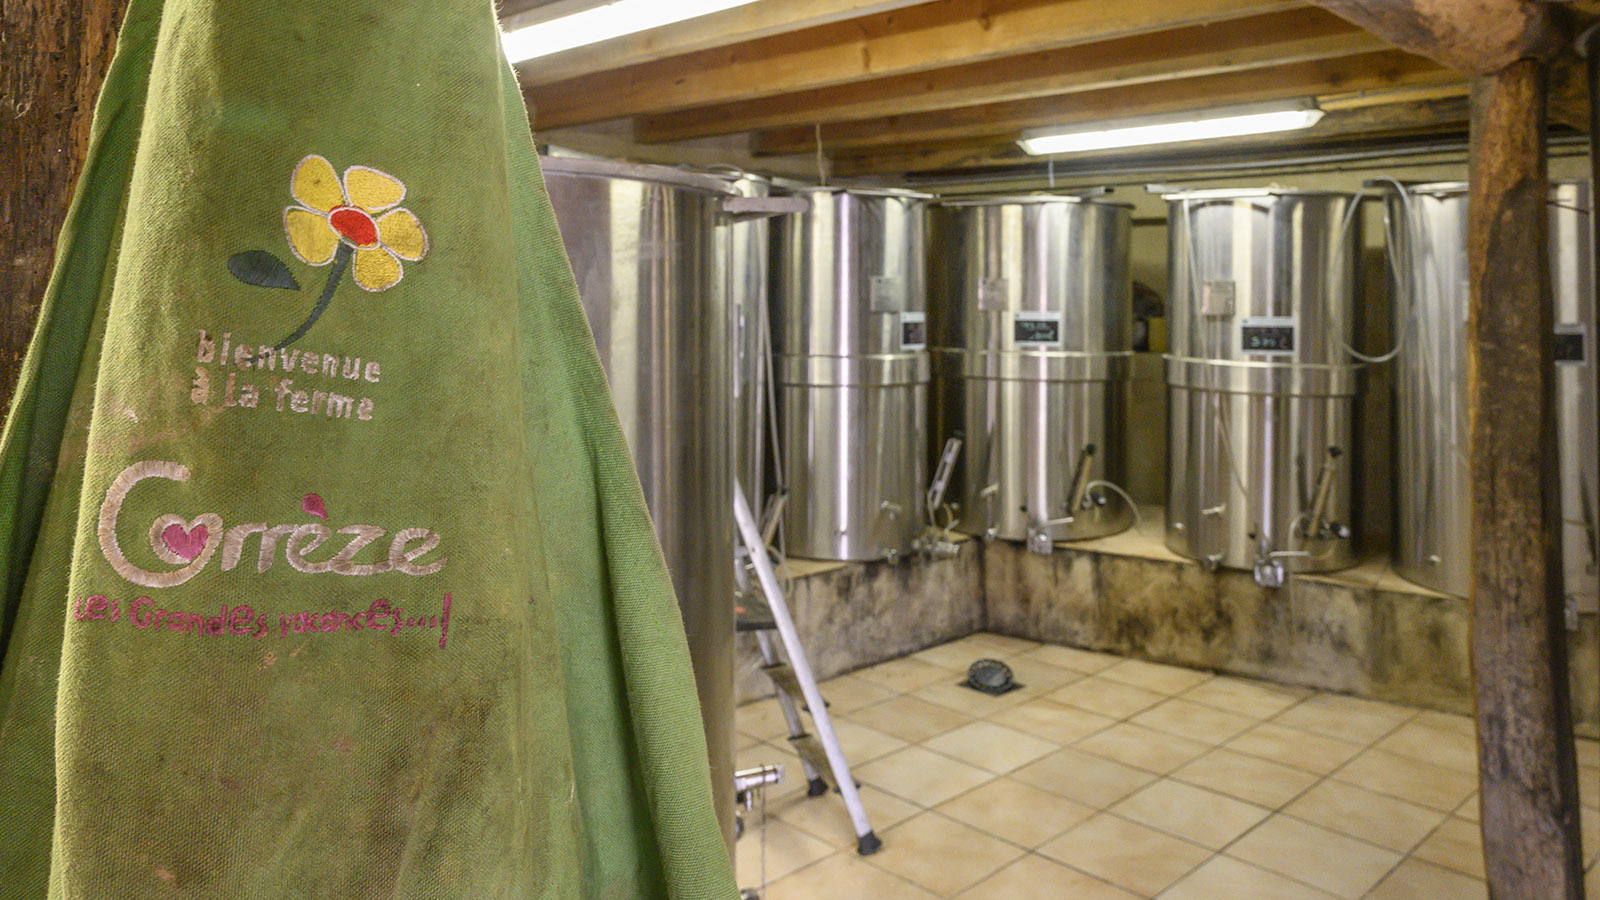 Der Weinkeller von Jean-Louis Roche. Foto: Hilke Maunder